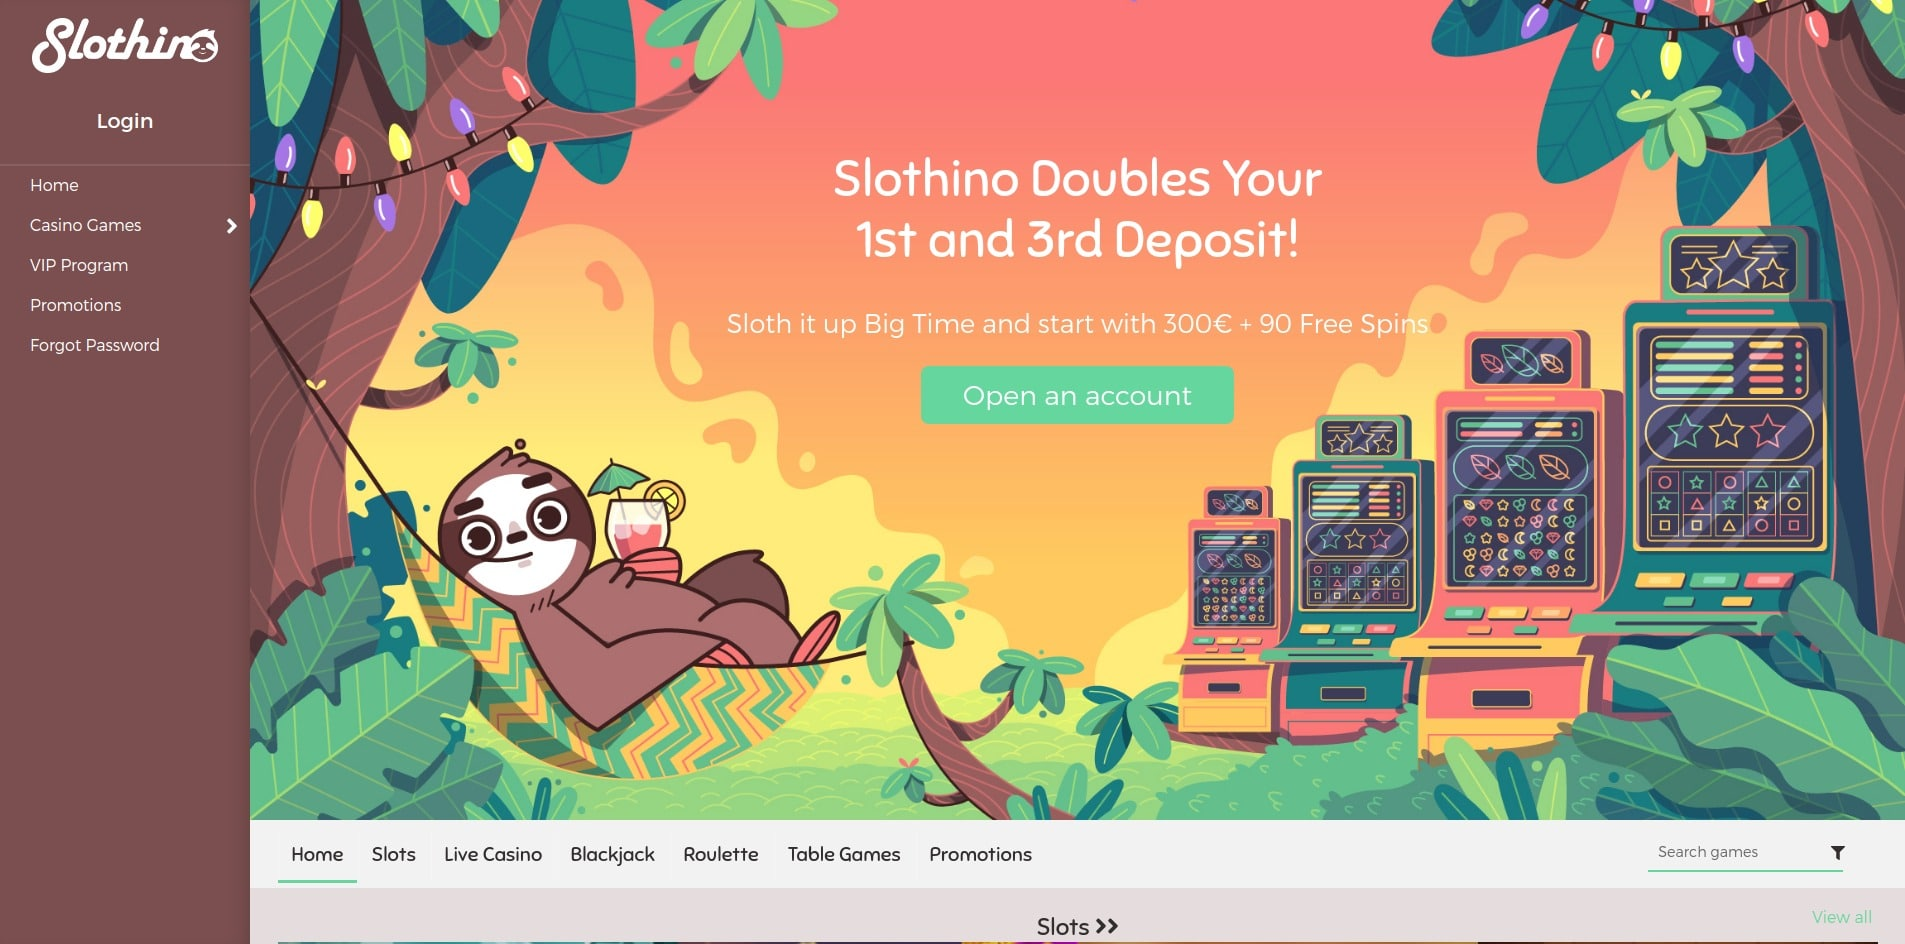 slothino casino homepagina